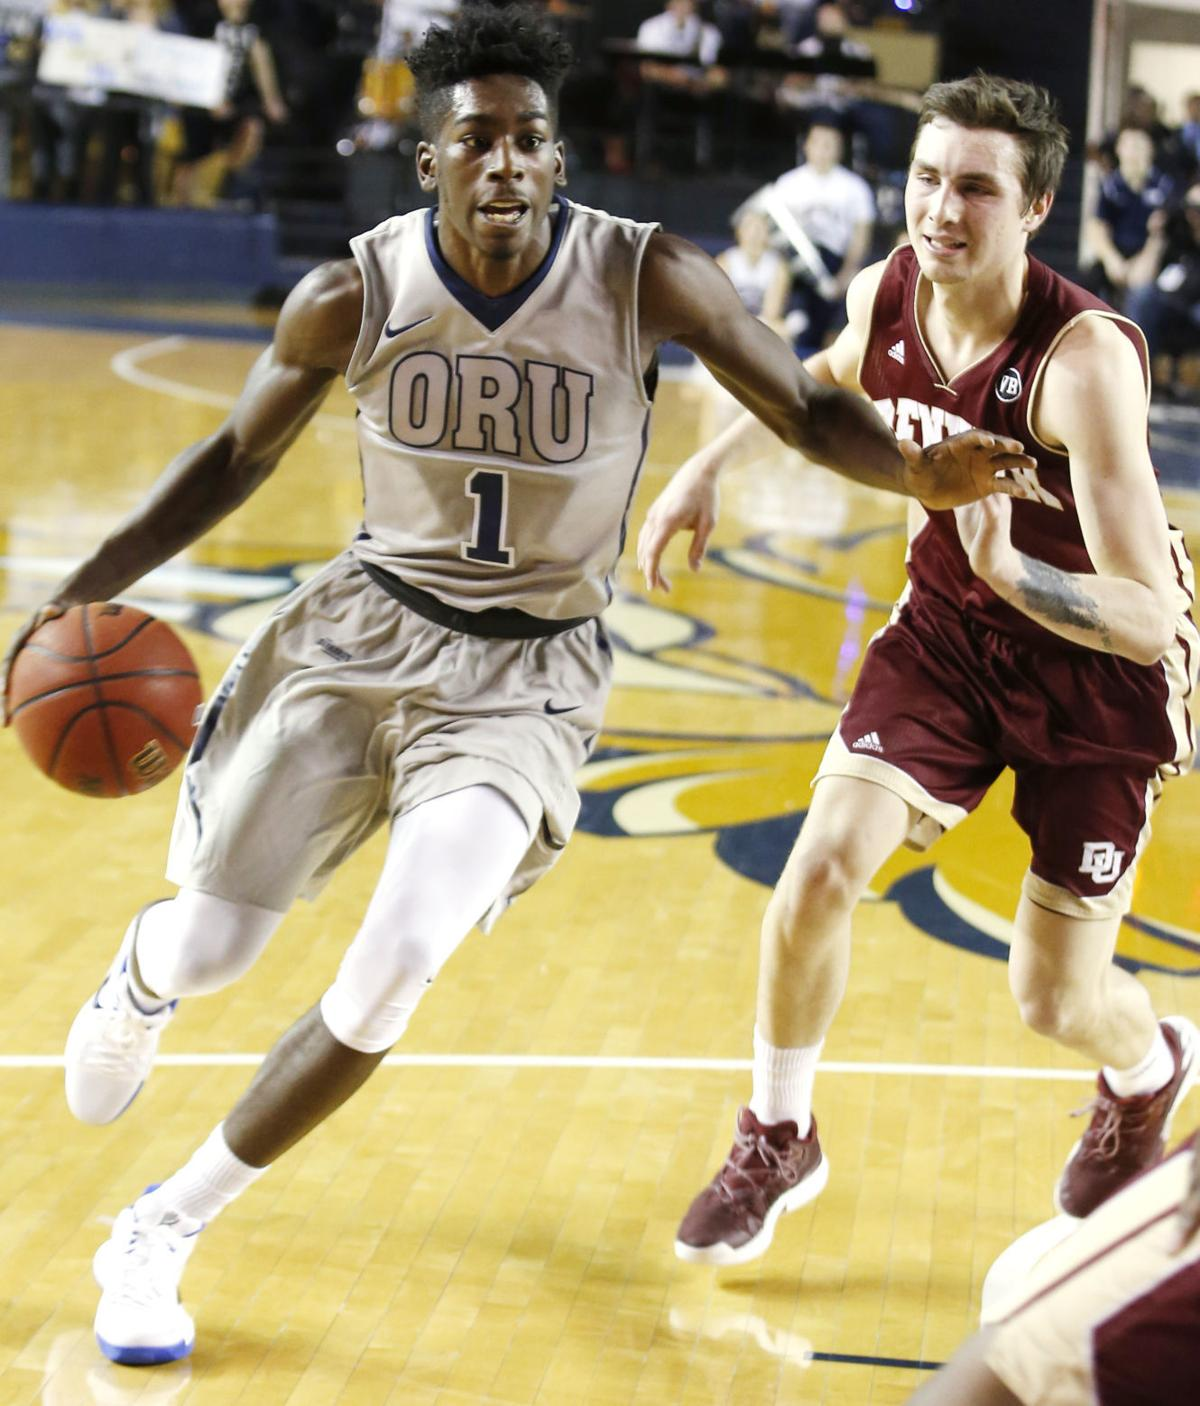 Denver Sports Journalist: OU Basketball: Kris Martin's OU Offer Not Official